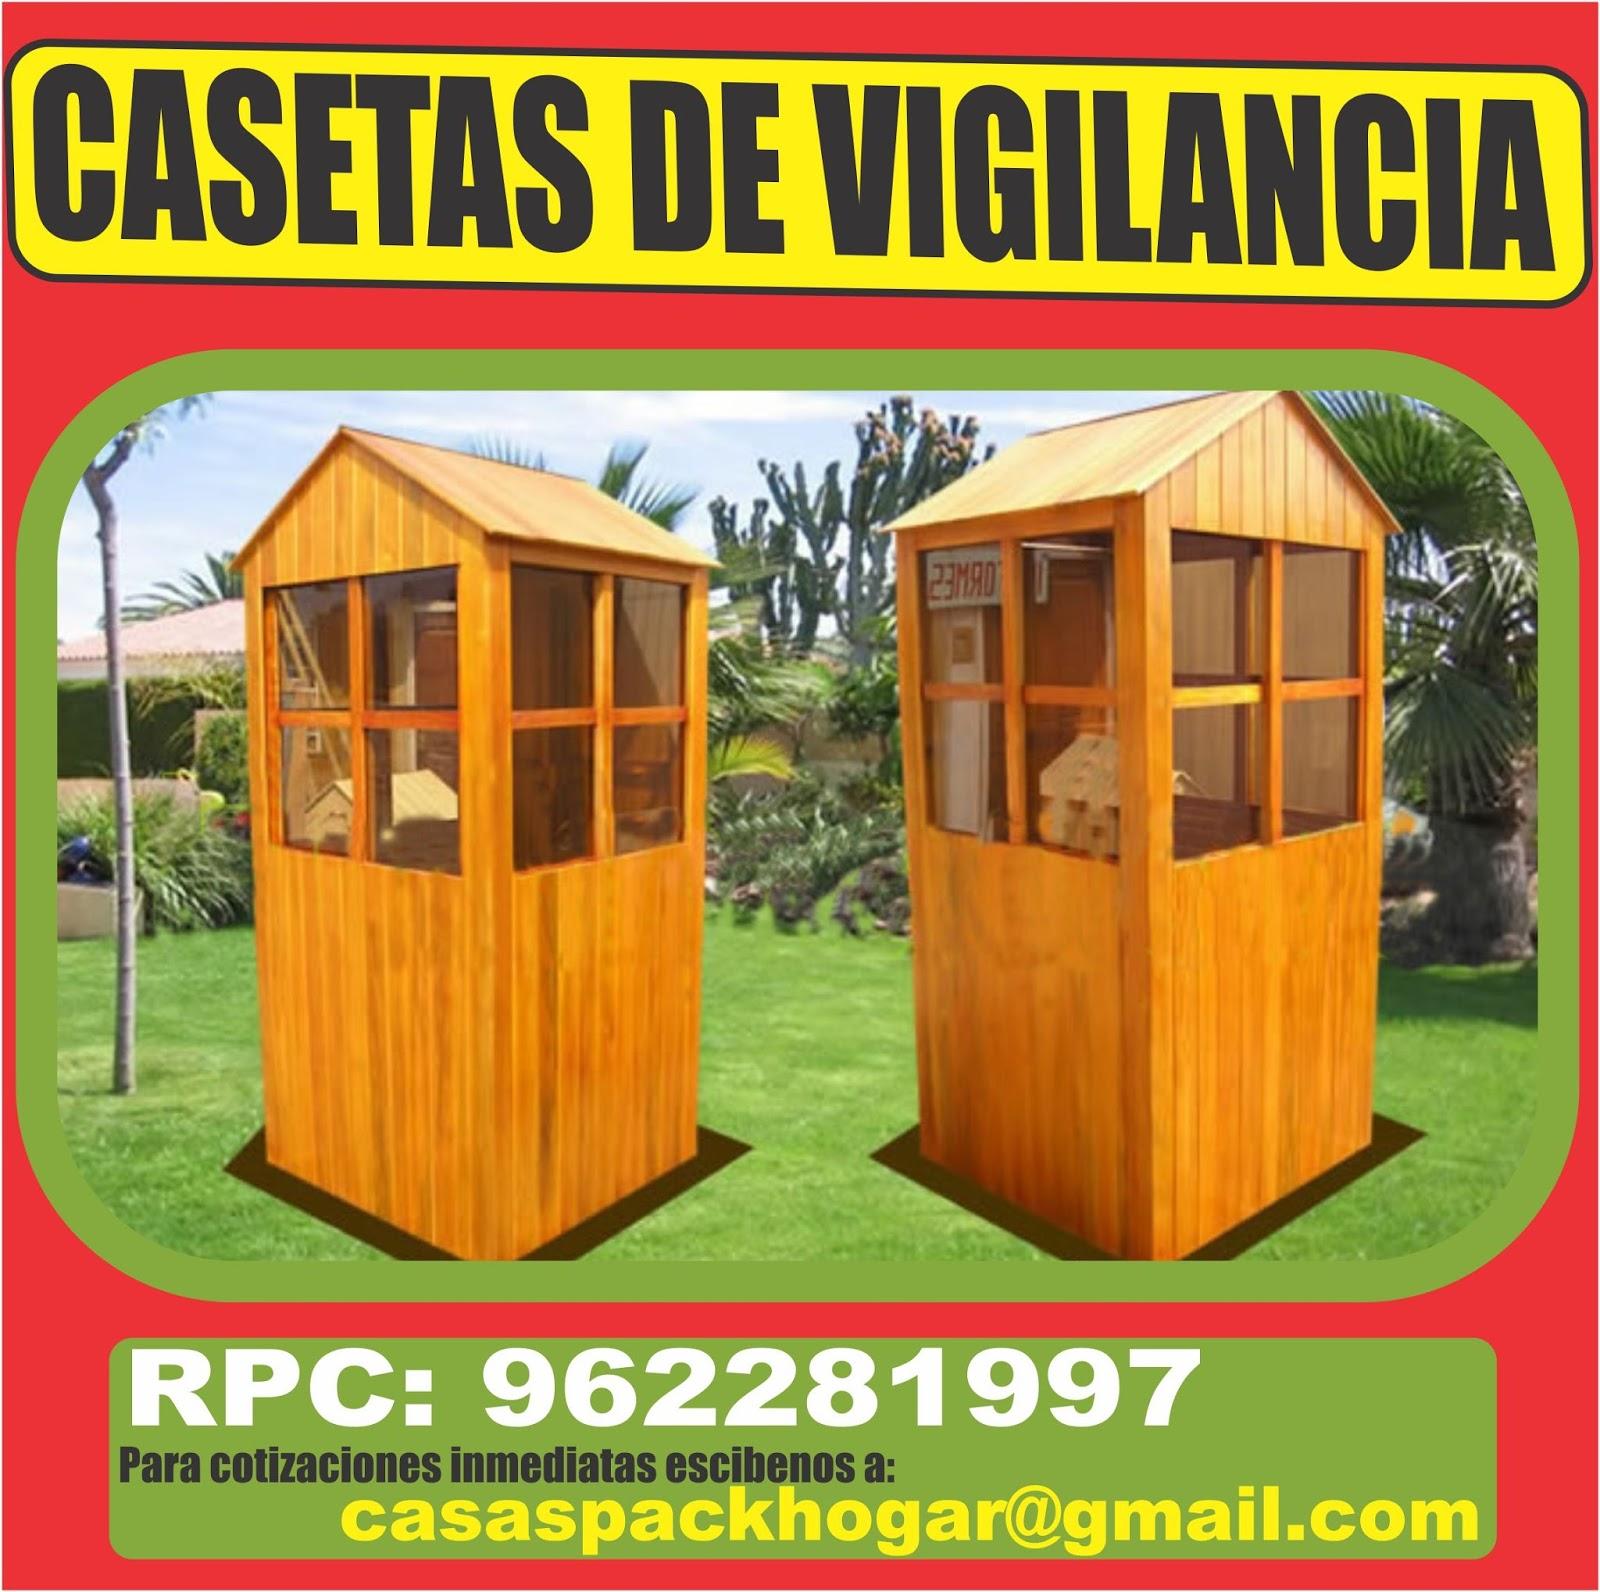 Mas de 33 caseta de vigilancia prefabricadas per for Casetas obra baratas